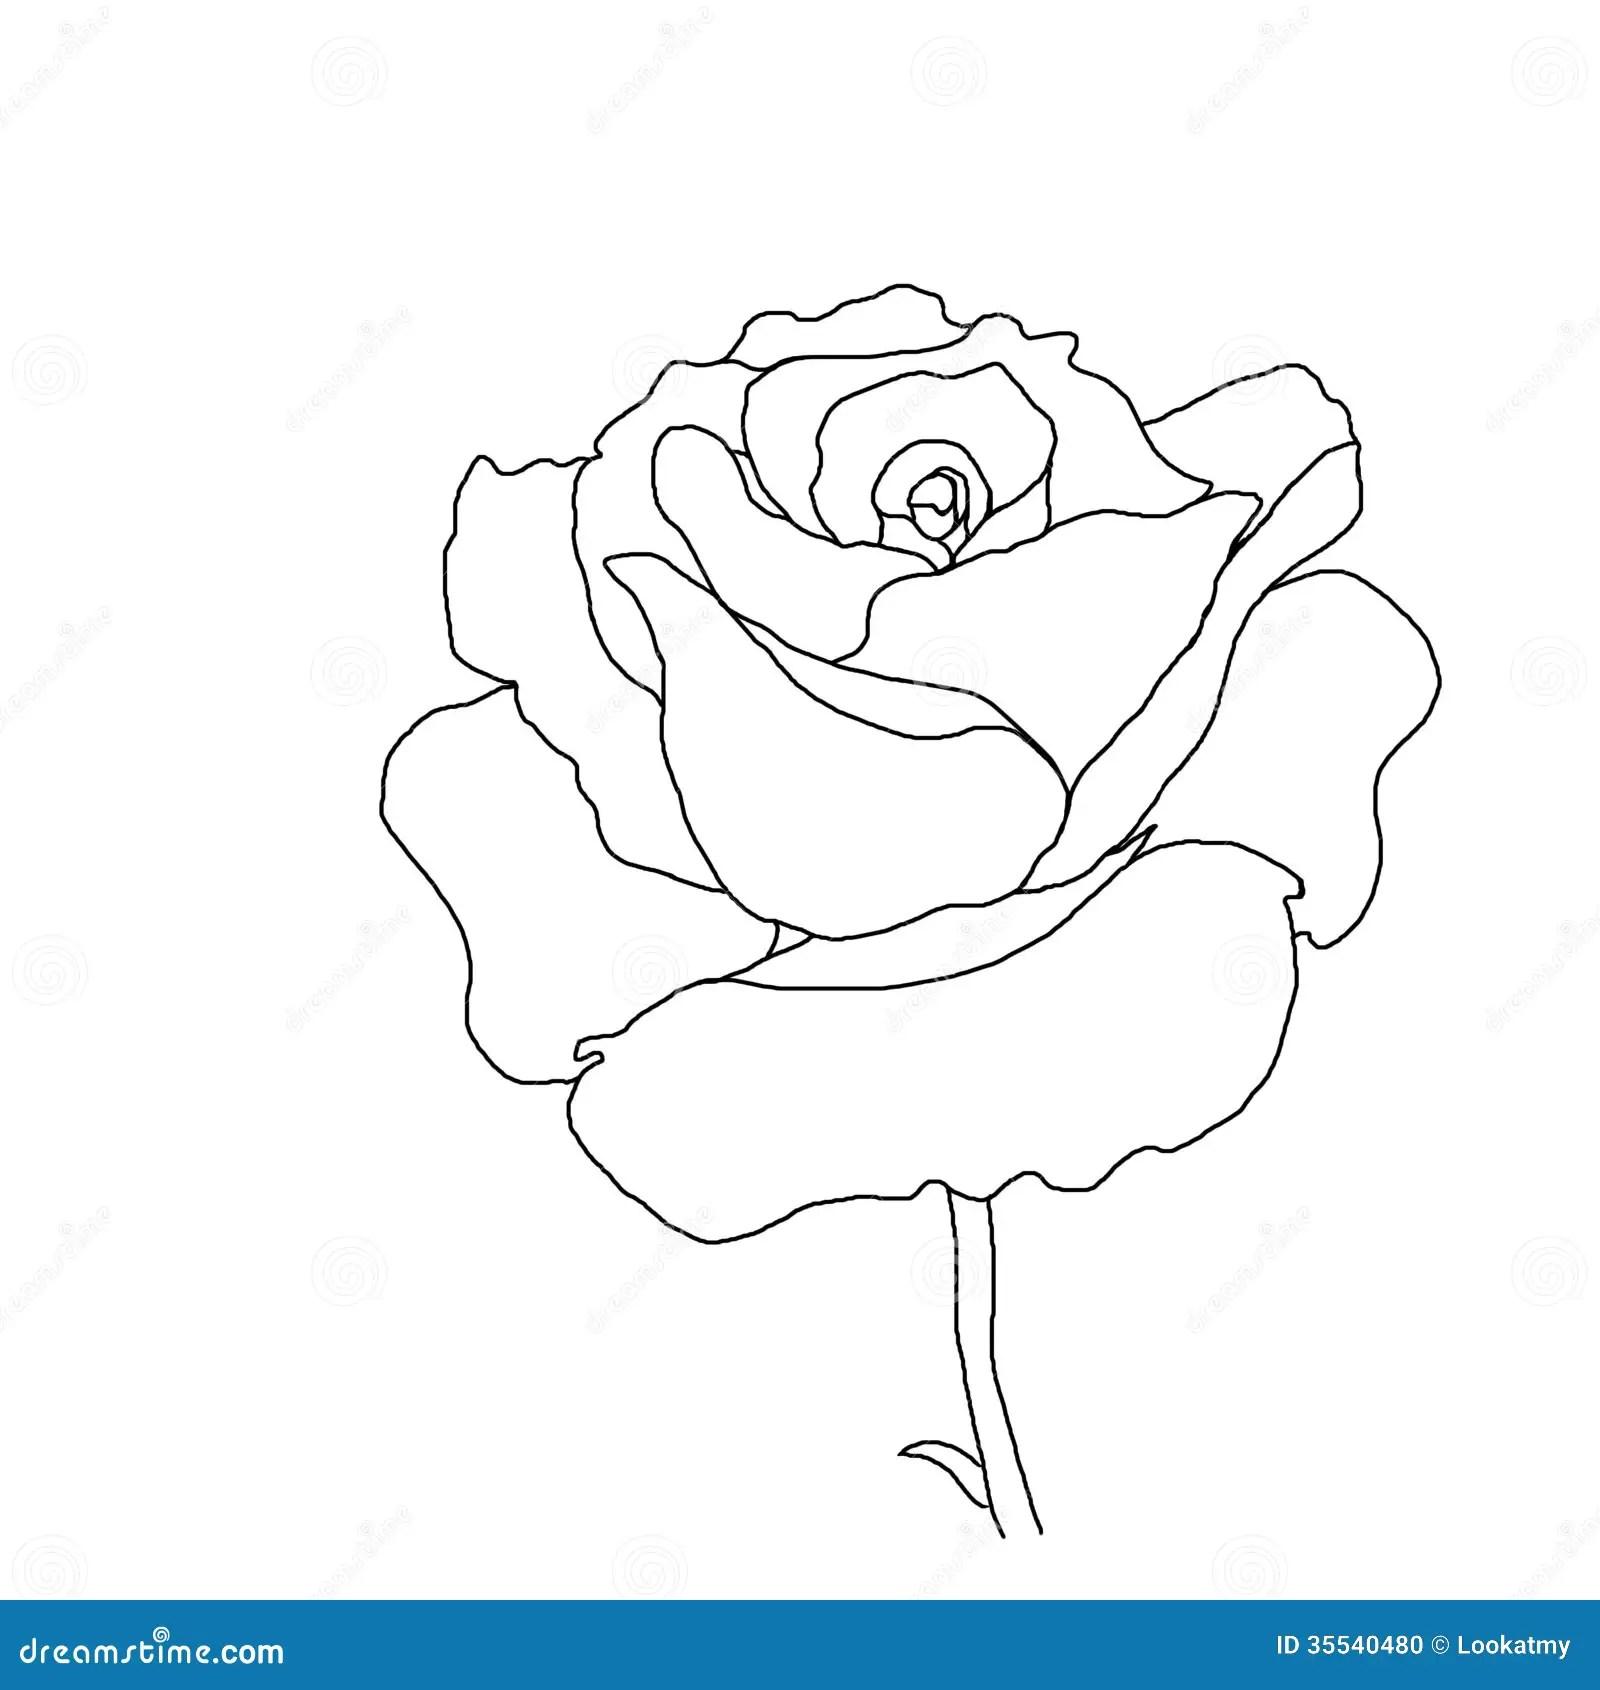 knumathise: Rose Clip Art Outline Images